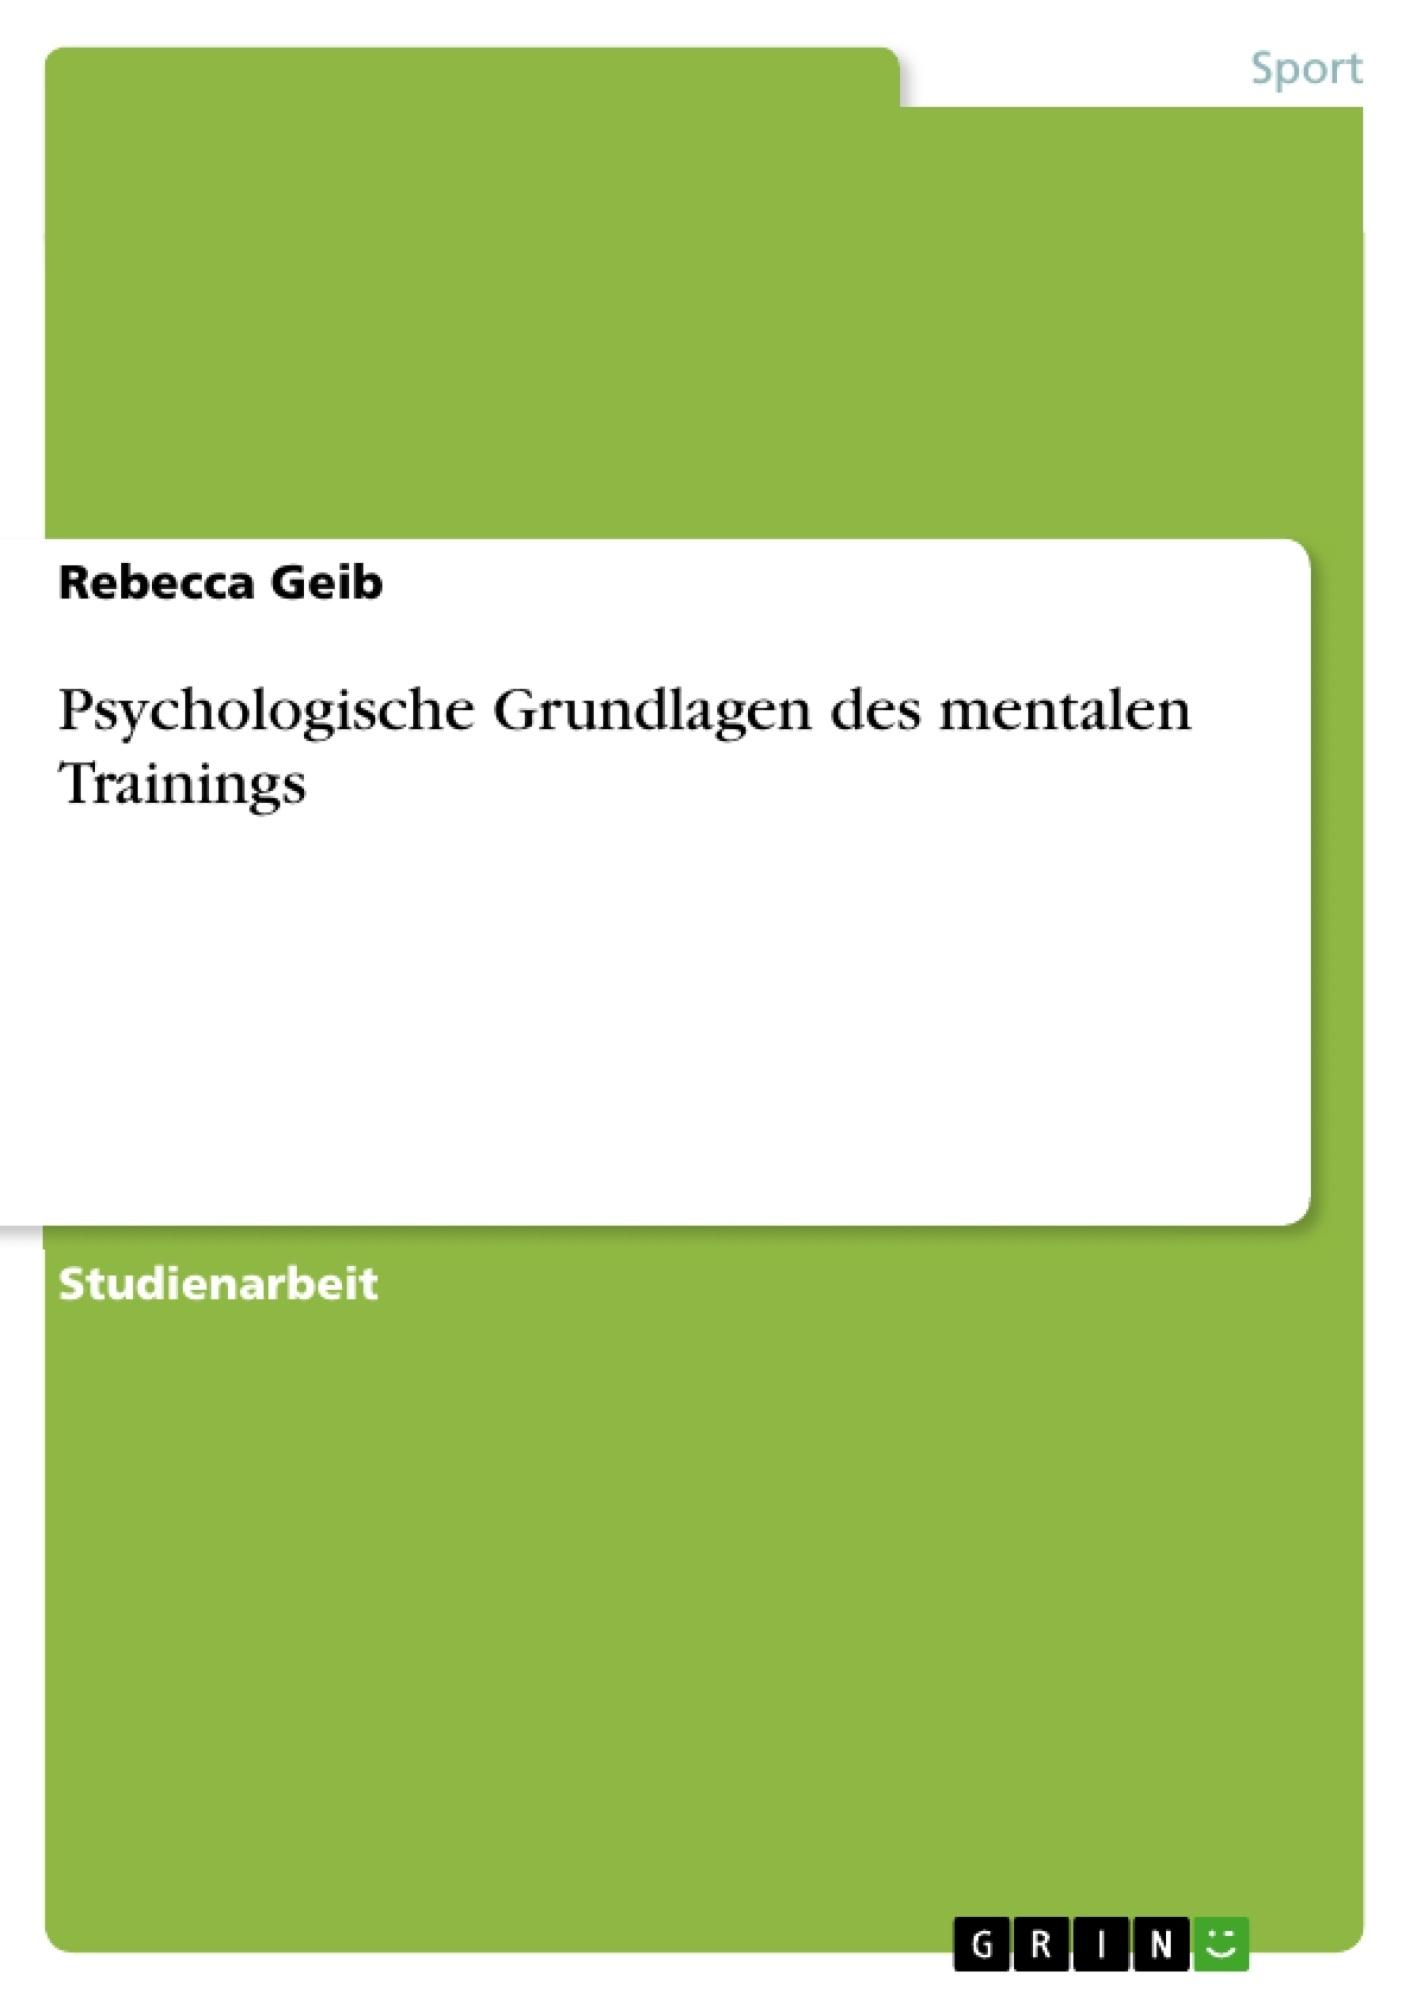 Titel: Psychologische Grundlagen des mentalen Trainings